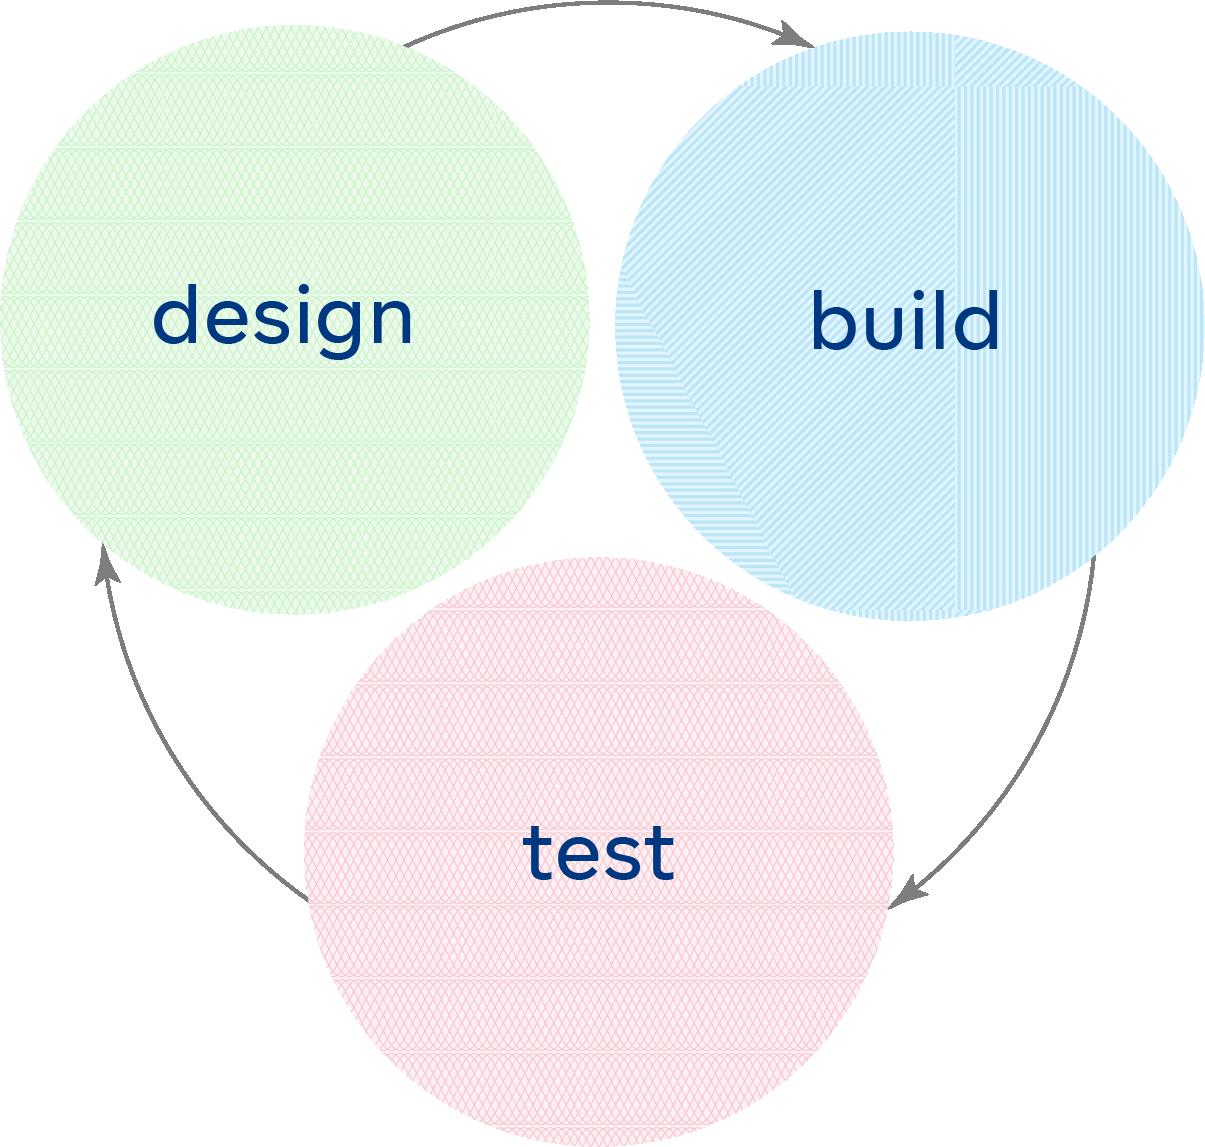 design build test.png